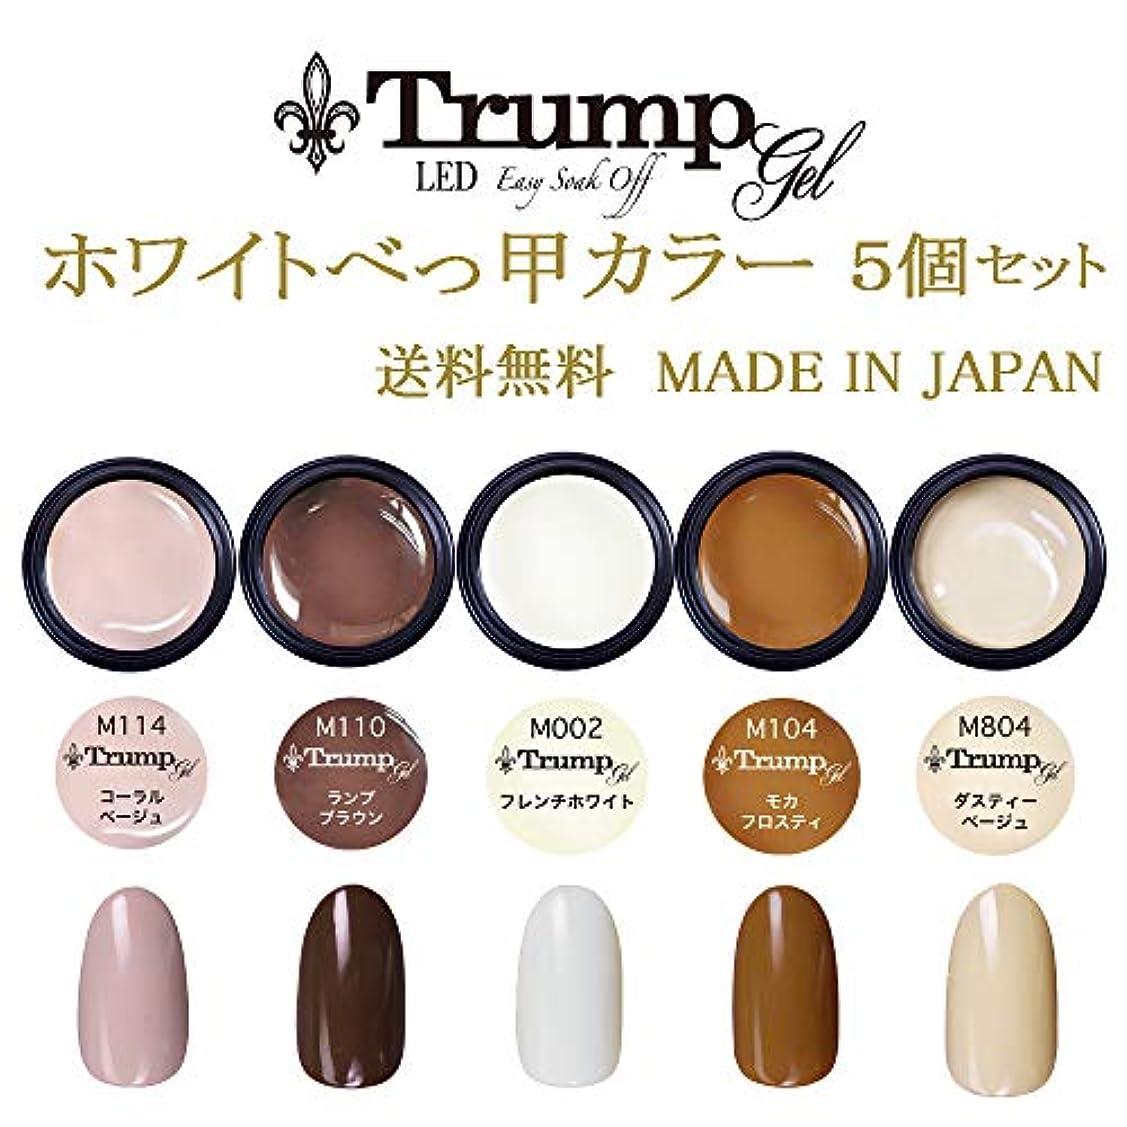 農場精神換気【送料無料】日本製 Trump gel トランプジェルホワイトべっ甲カラージェル 5個セット スタイリッシュでオシャレな 白べっ甲カラージェルセット